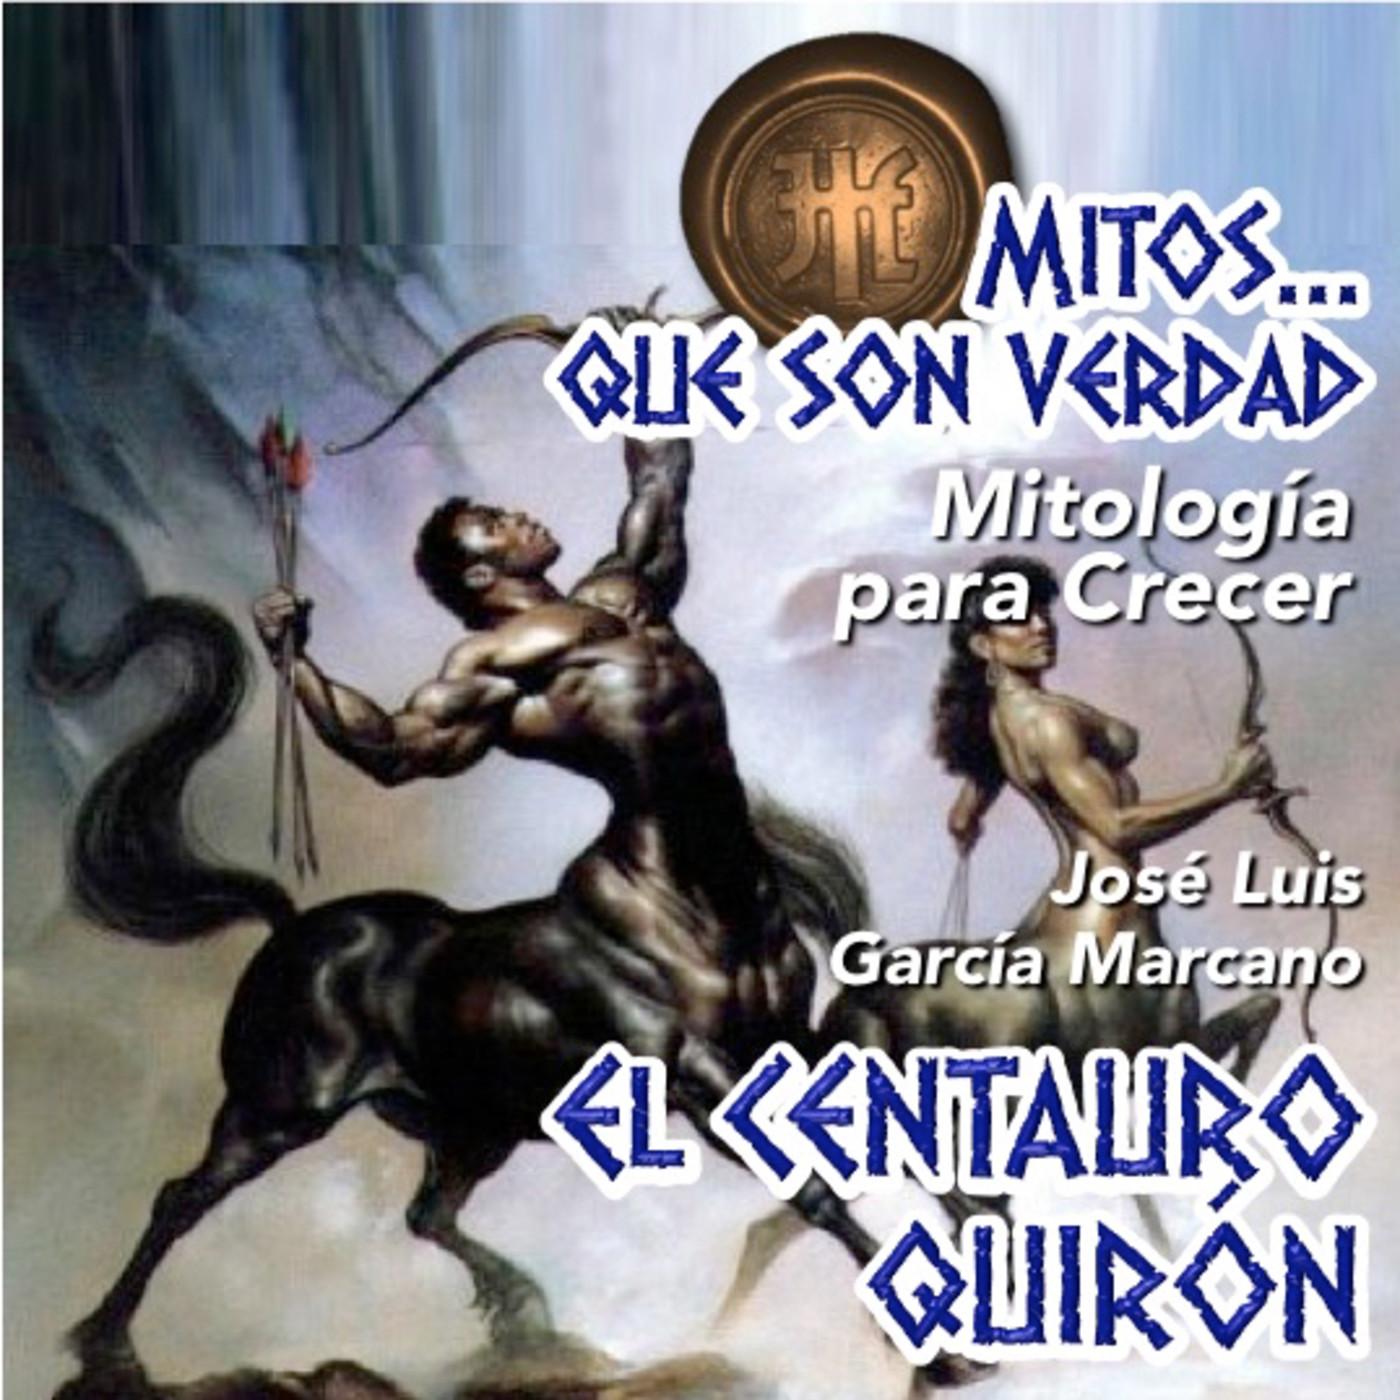 Mito 005 - El Centauro Quirón en Mitos... que son verdad en mp3(12 04 a las  17 09 17) 03 32 25316512 - iVoox d8c60e2801921